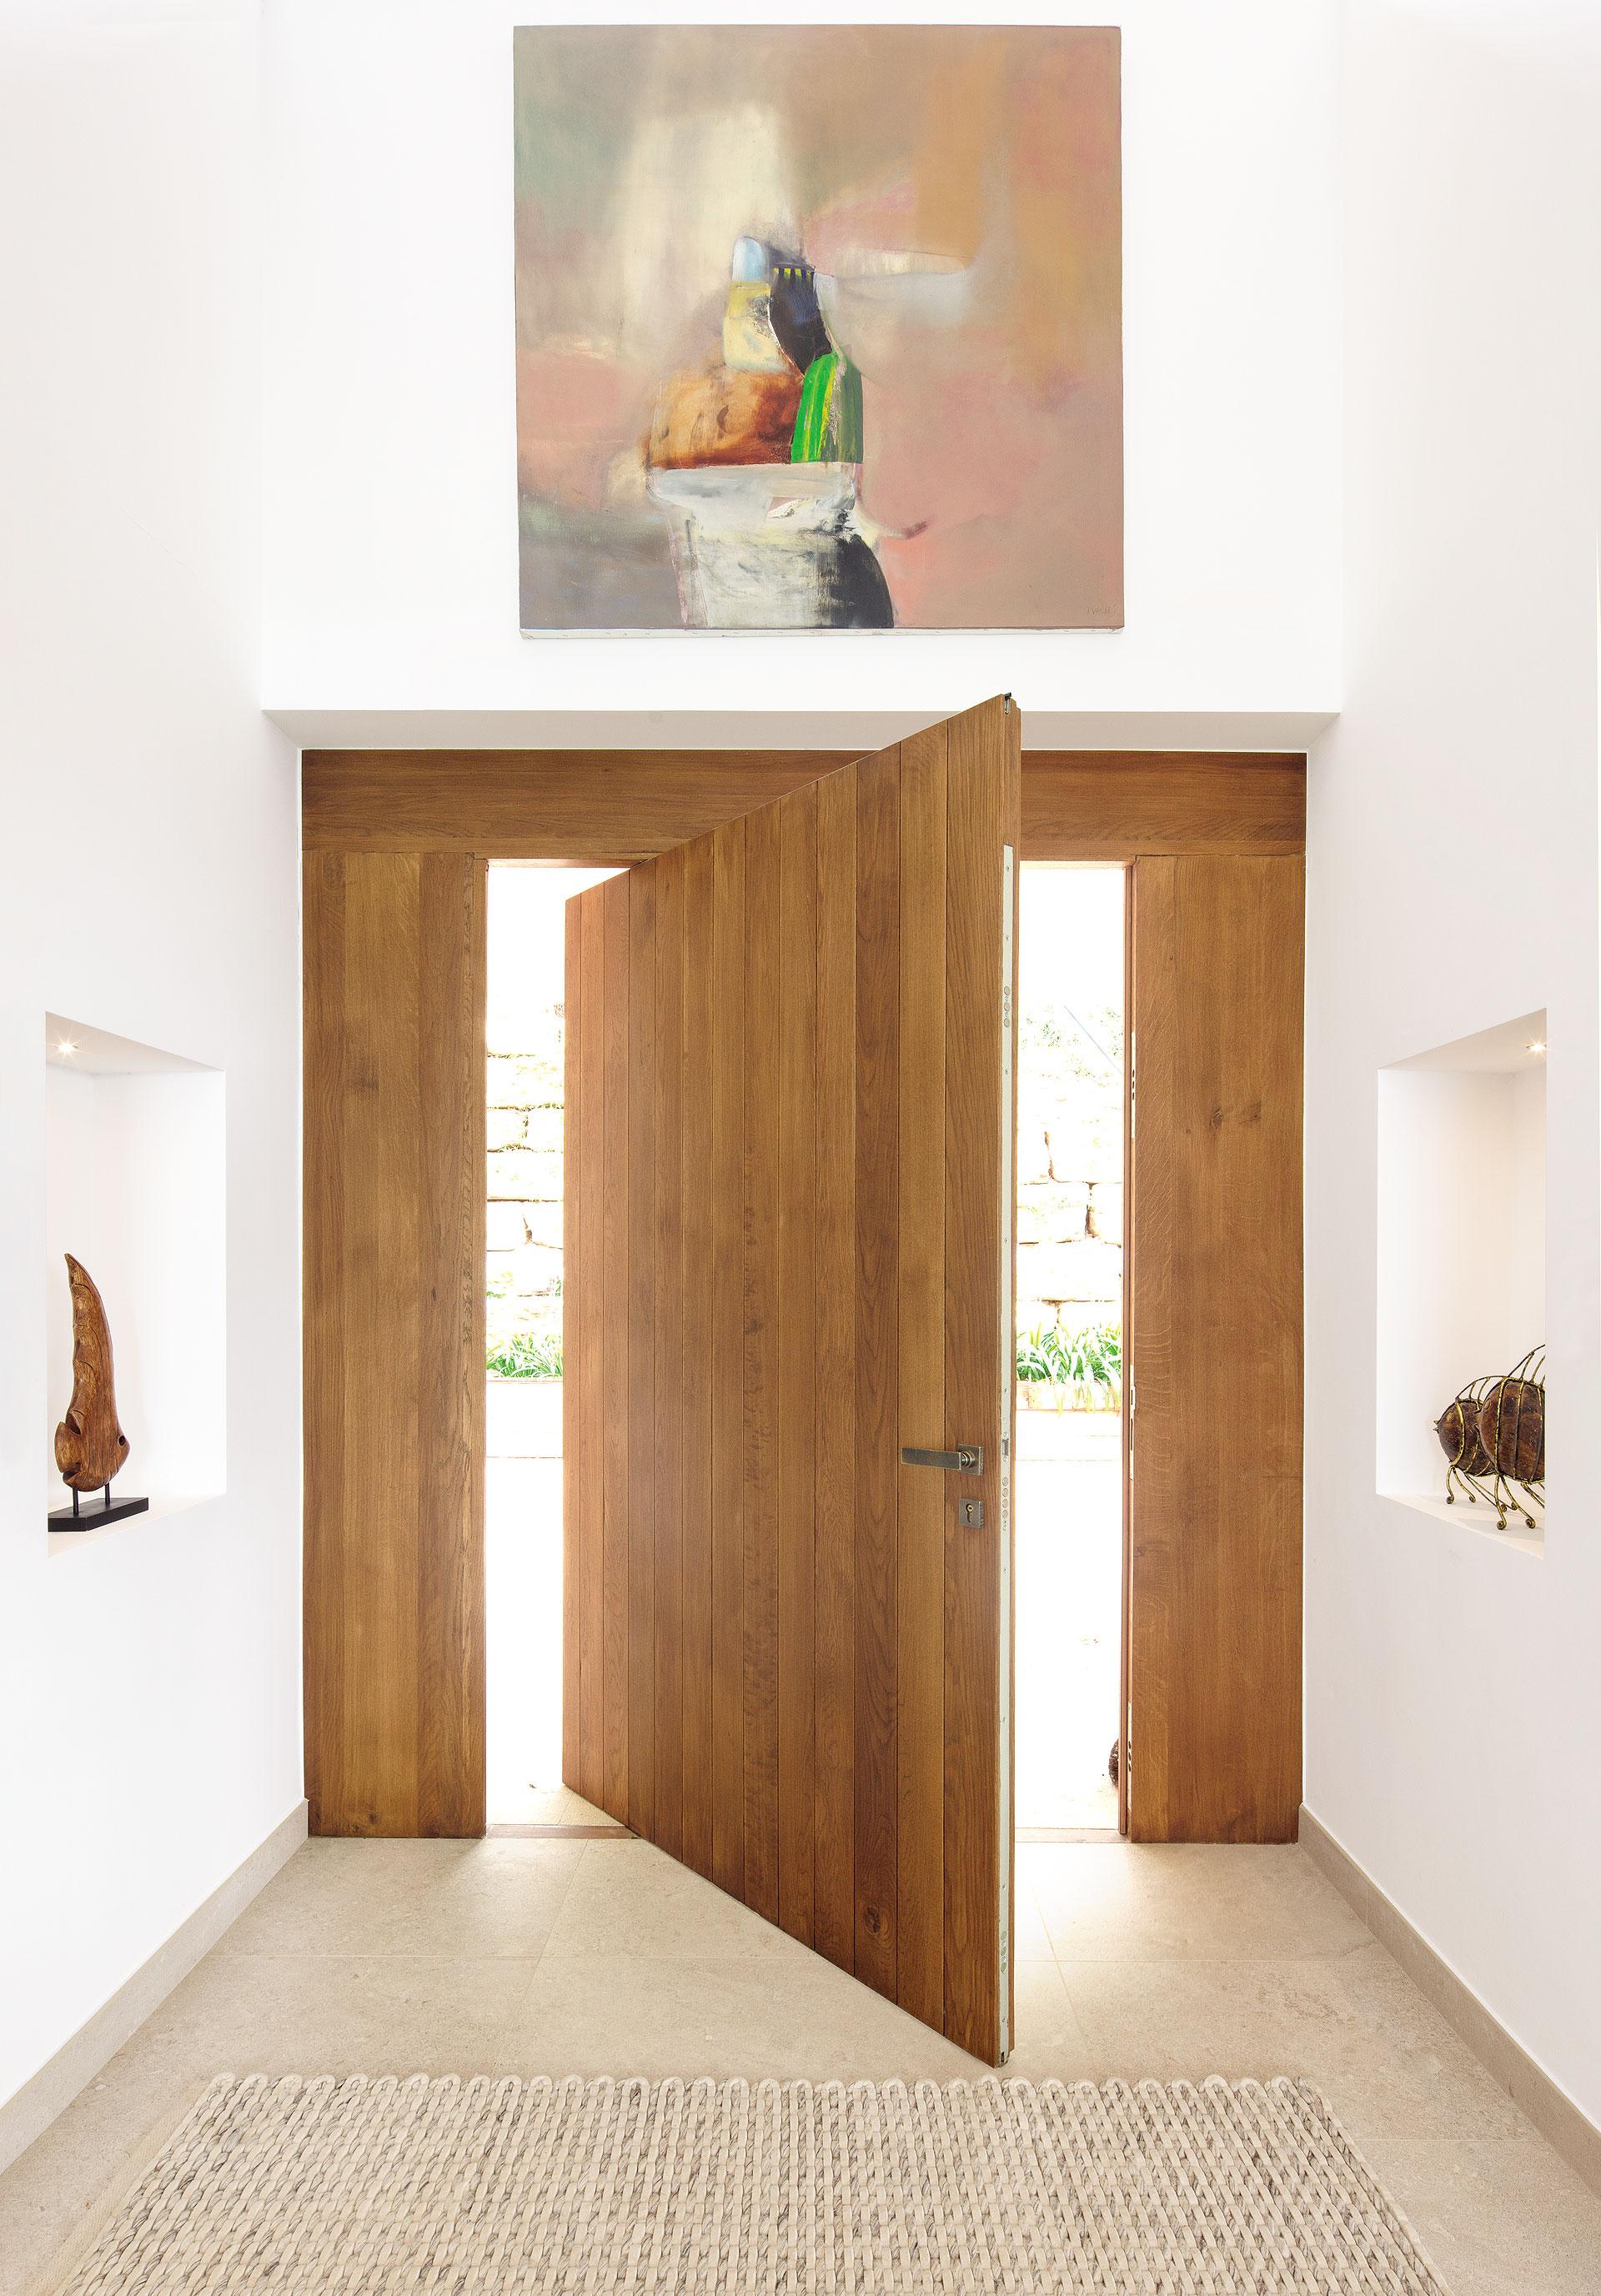 Casa en Sa Riera (Girona), de Denise Hamilton